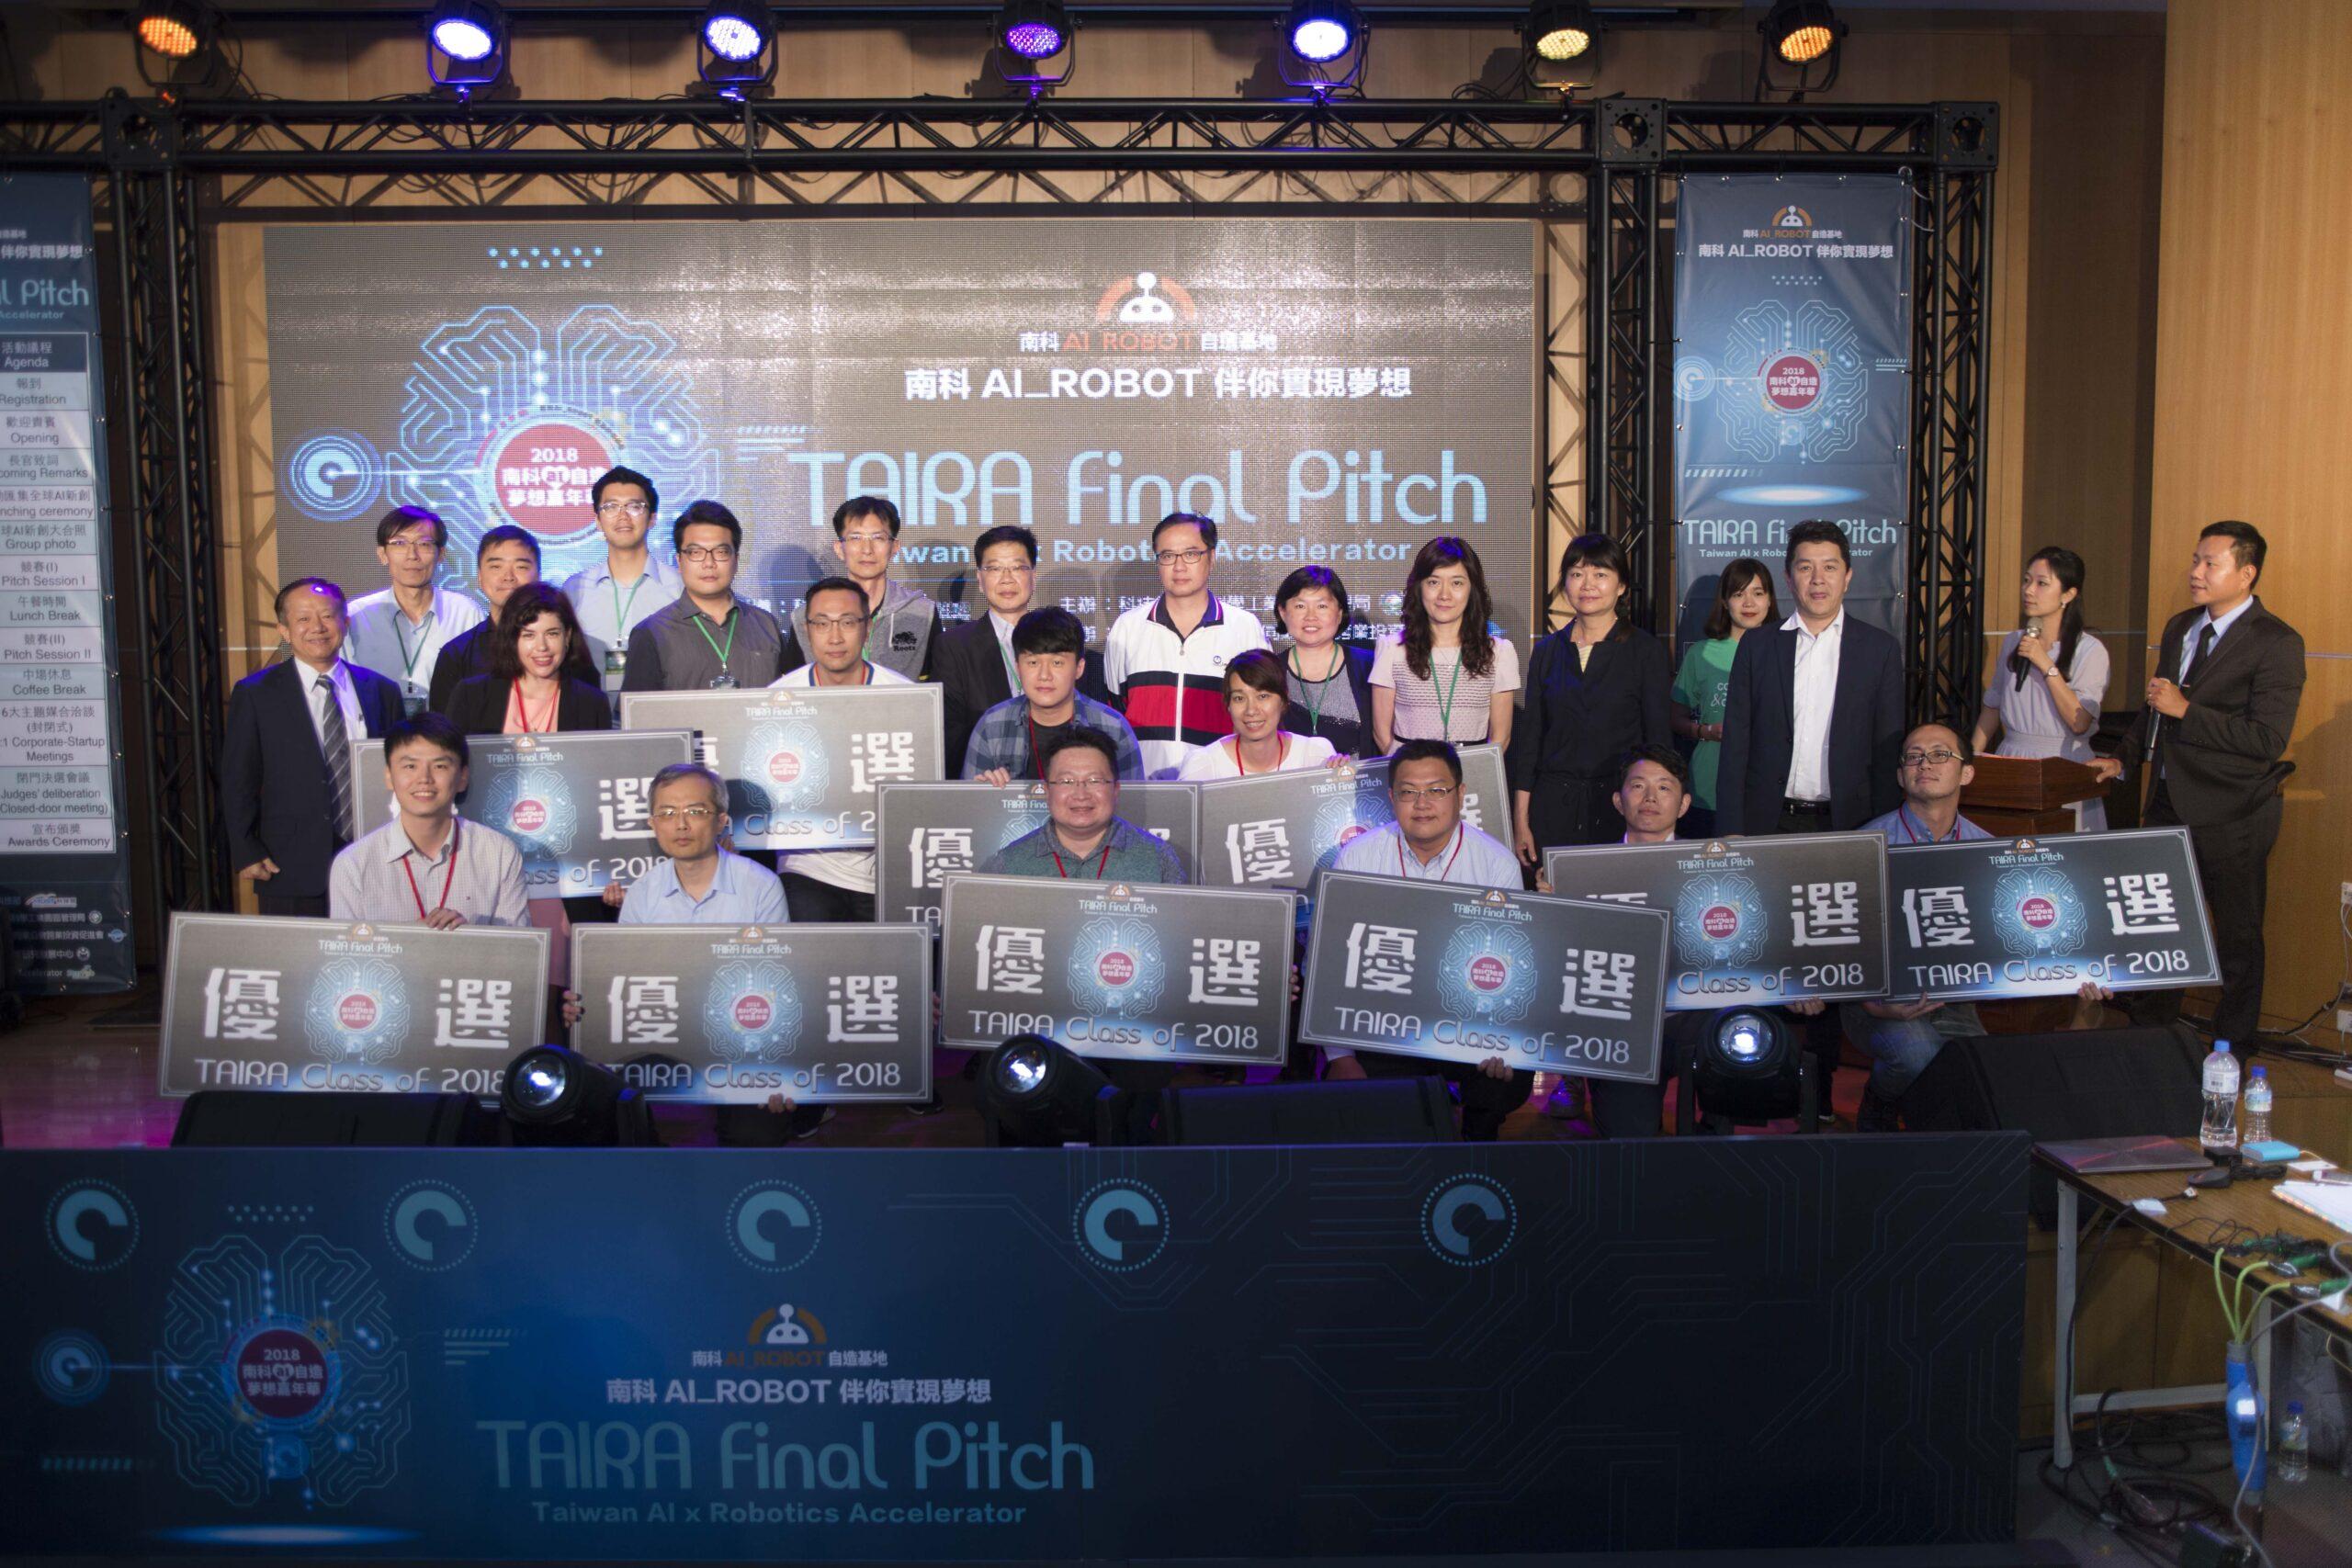 全球AI百隊南科競技 立達軟體科技勇奪首獎300萬